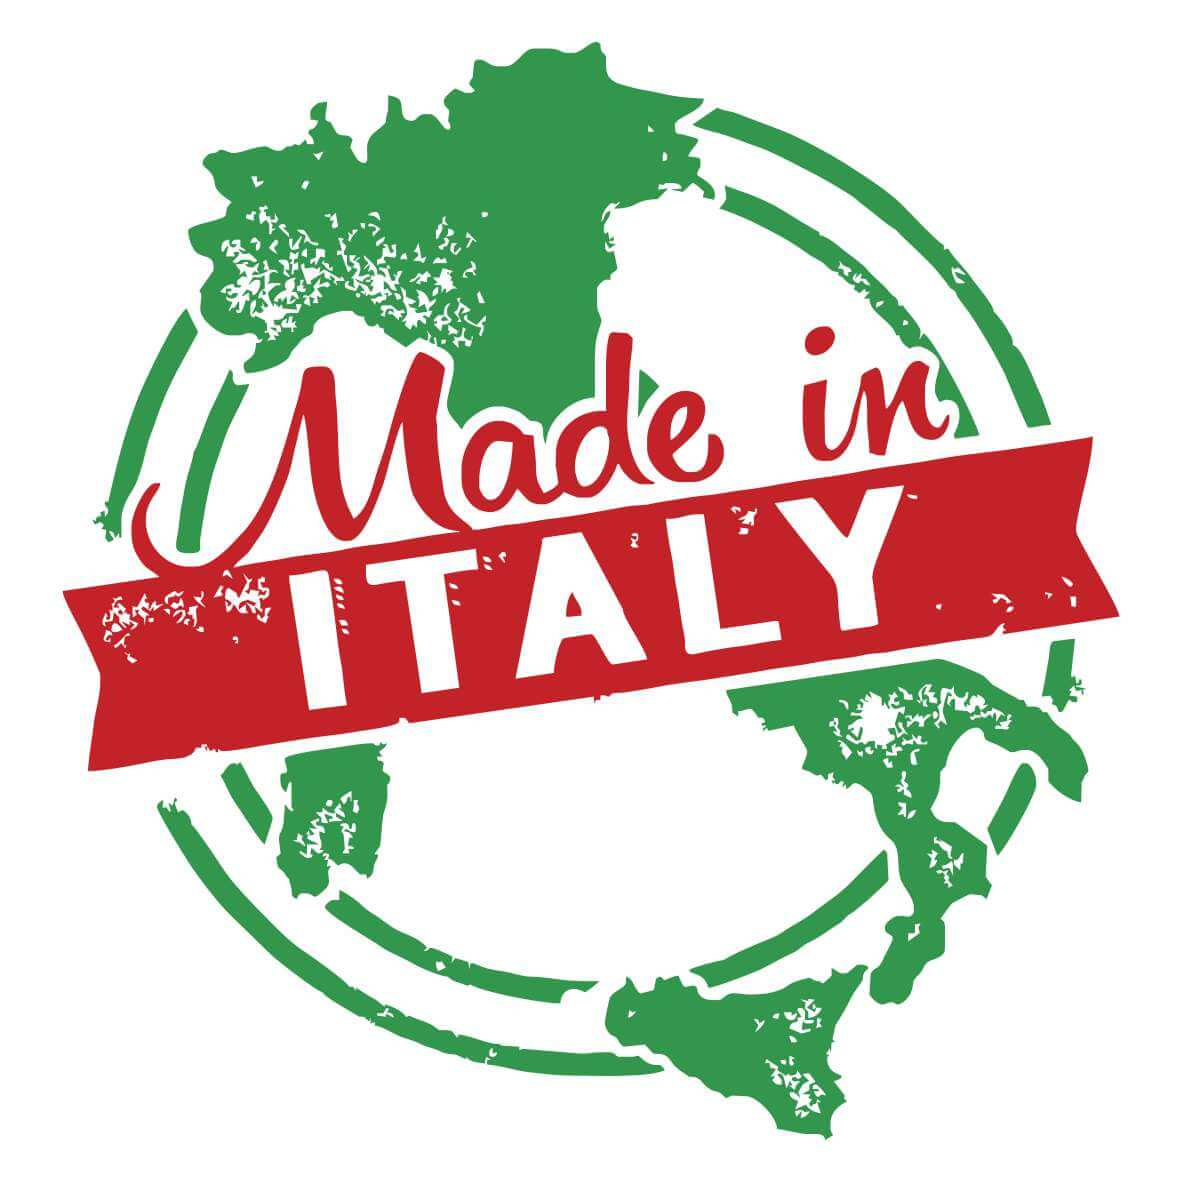 Made in italy maglietta con il tema di Made in Italy acquista online la tua  t-shirt personalizzata con il tema Made in Italy - Track